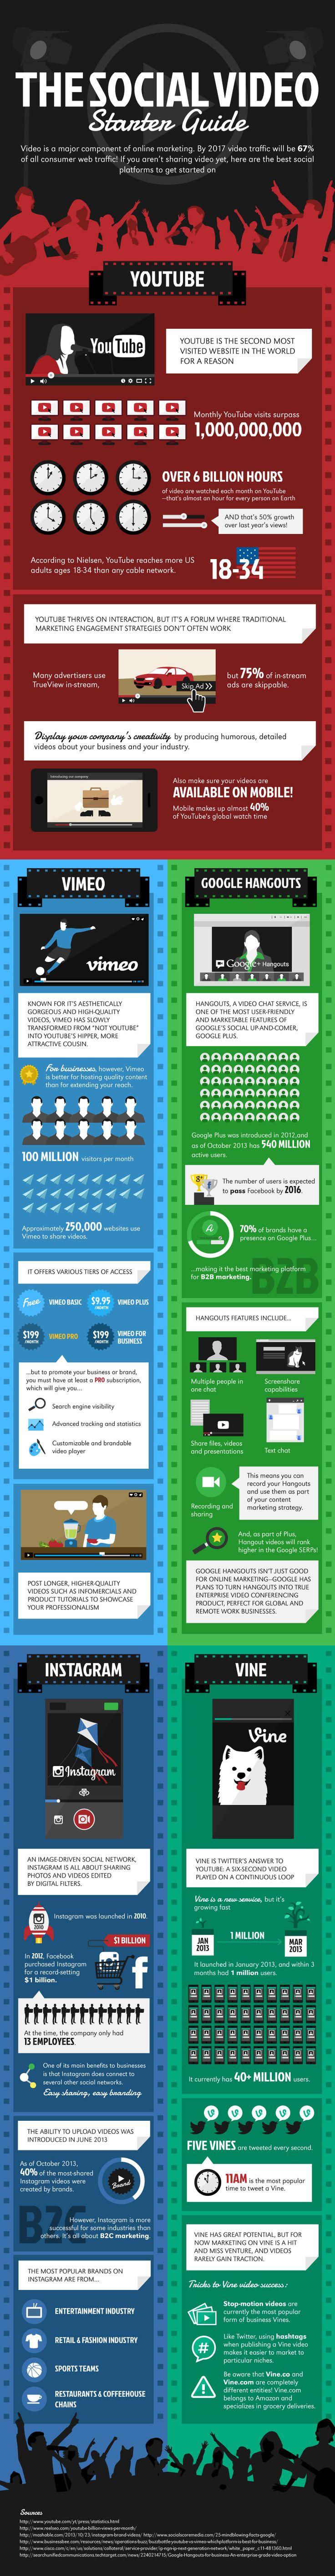 Haal rendement uit online video - vijf platformen op een rij [infographic]